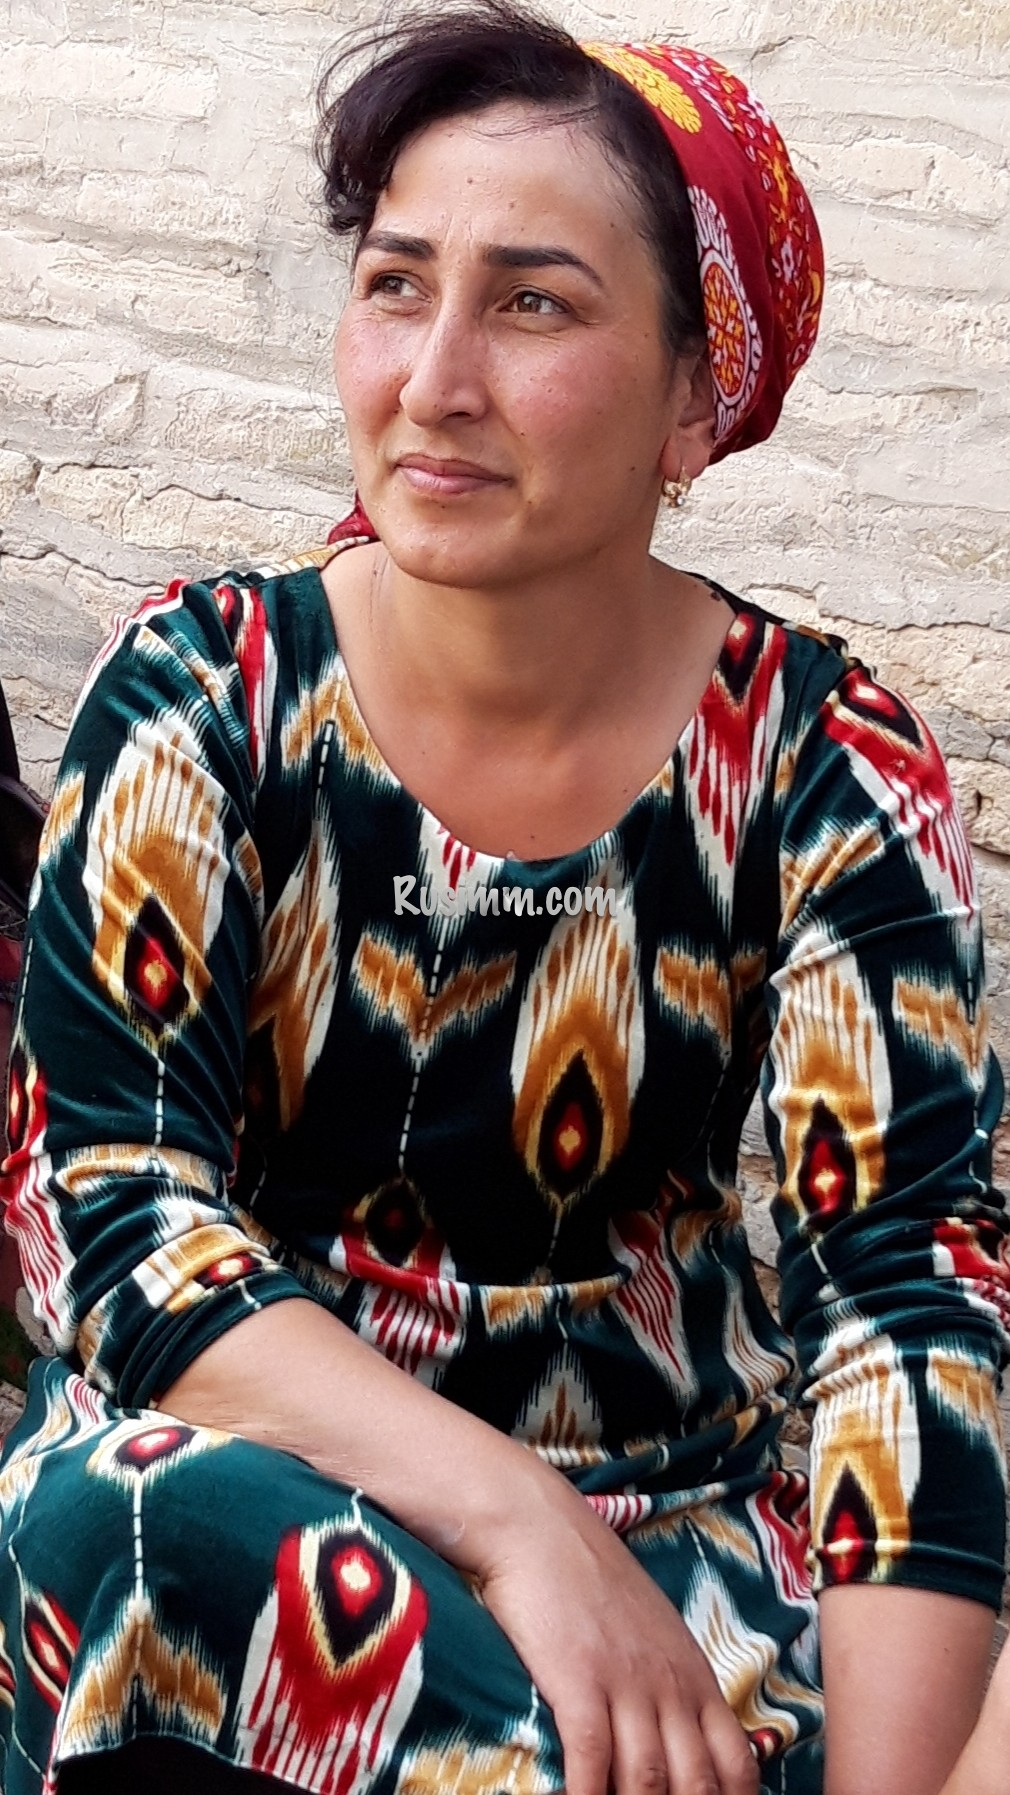 Самые красивые узбеки (25 фото)   1795x1010